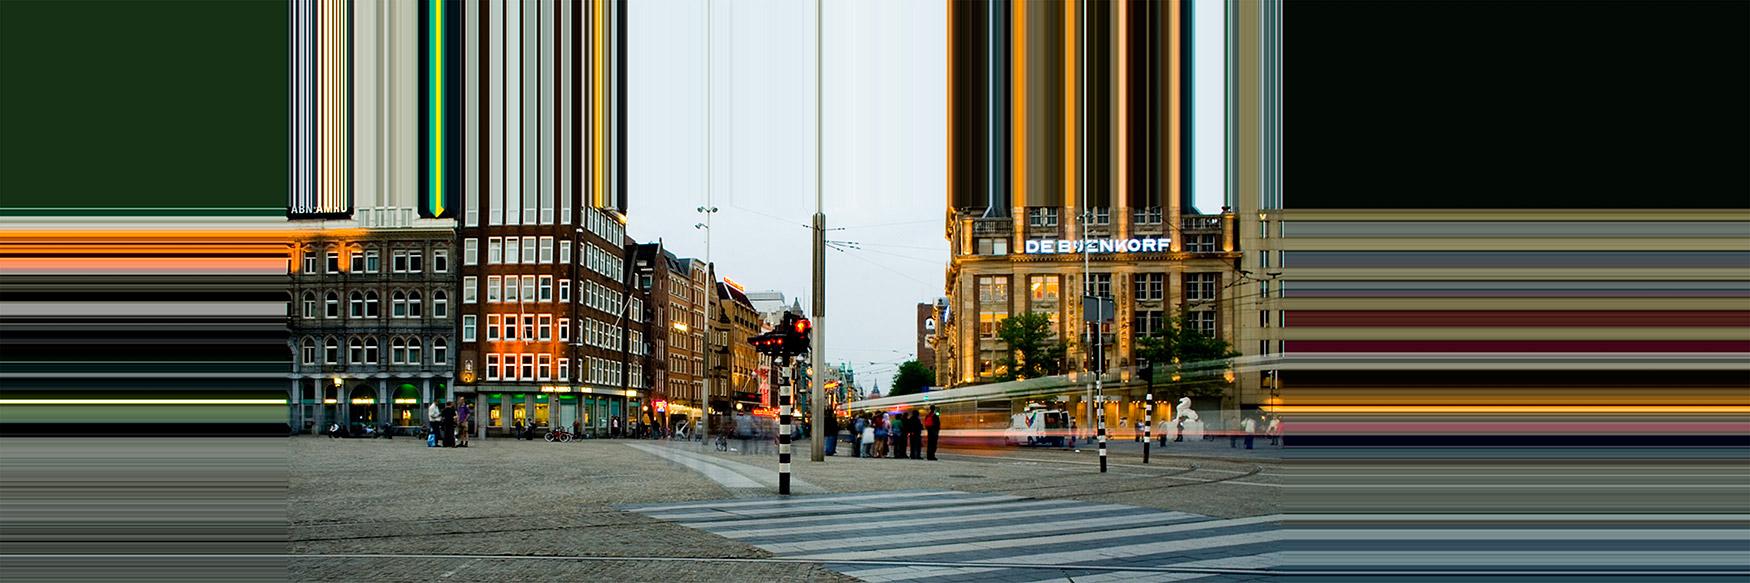 Fuga en Amsterdam I